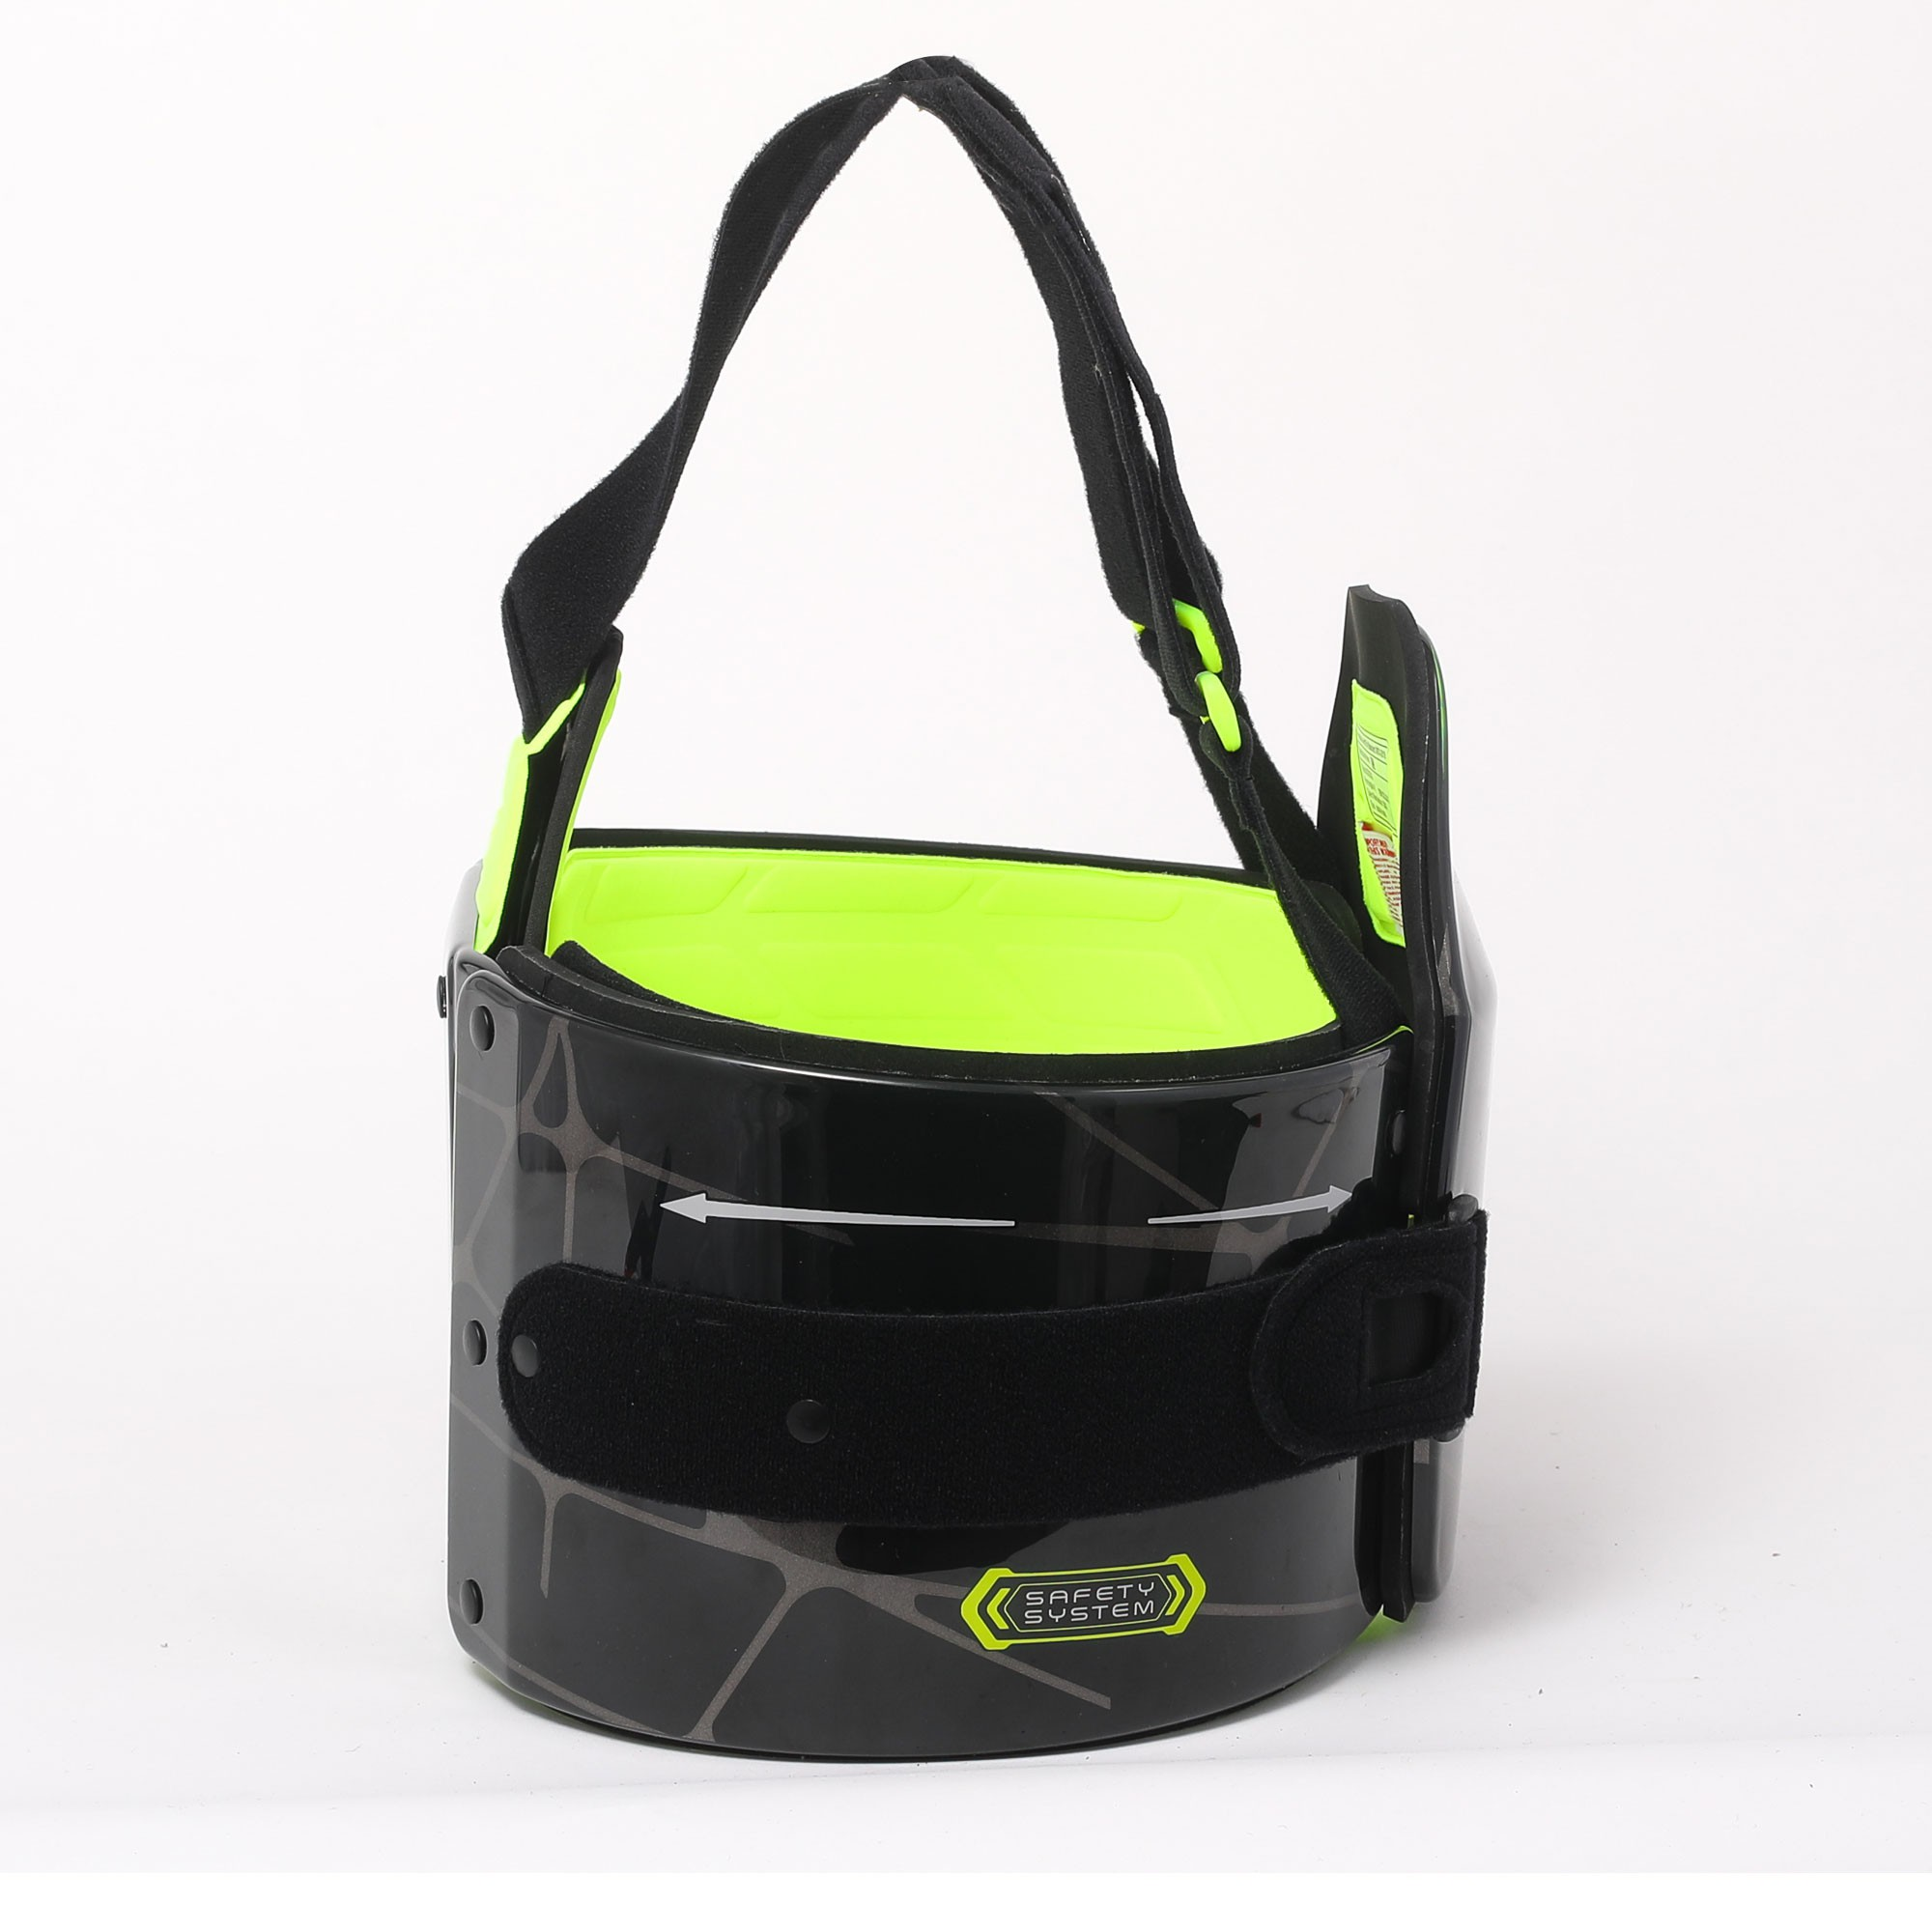 Protetor de costela KS-1 PRO